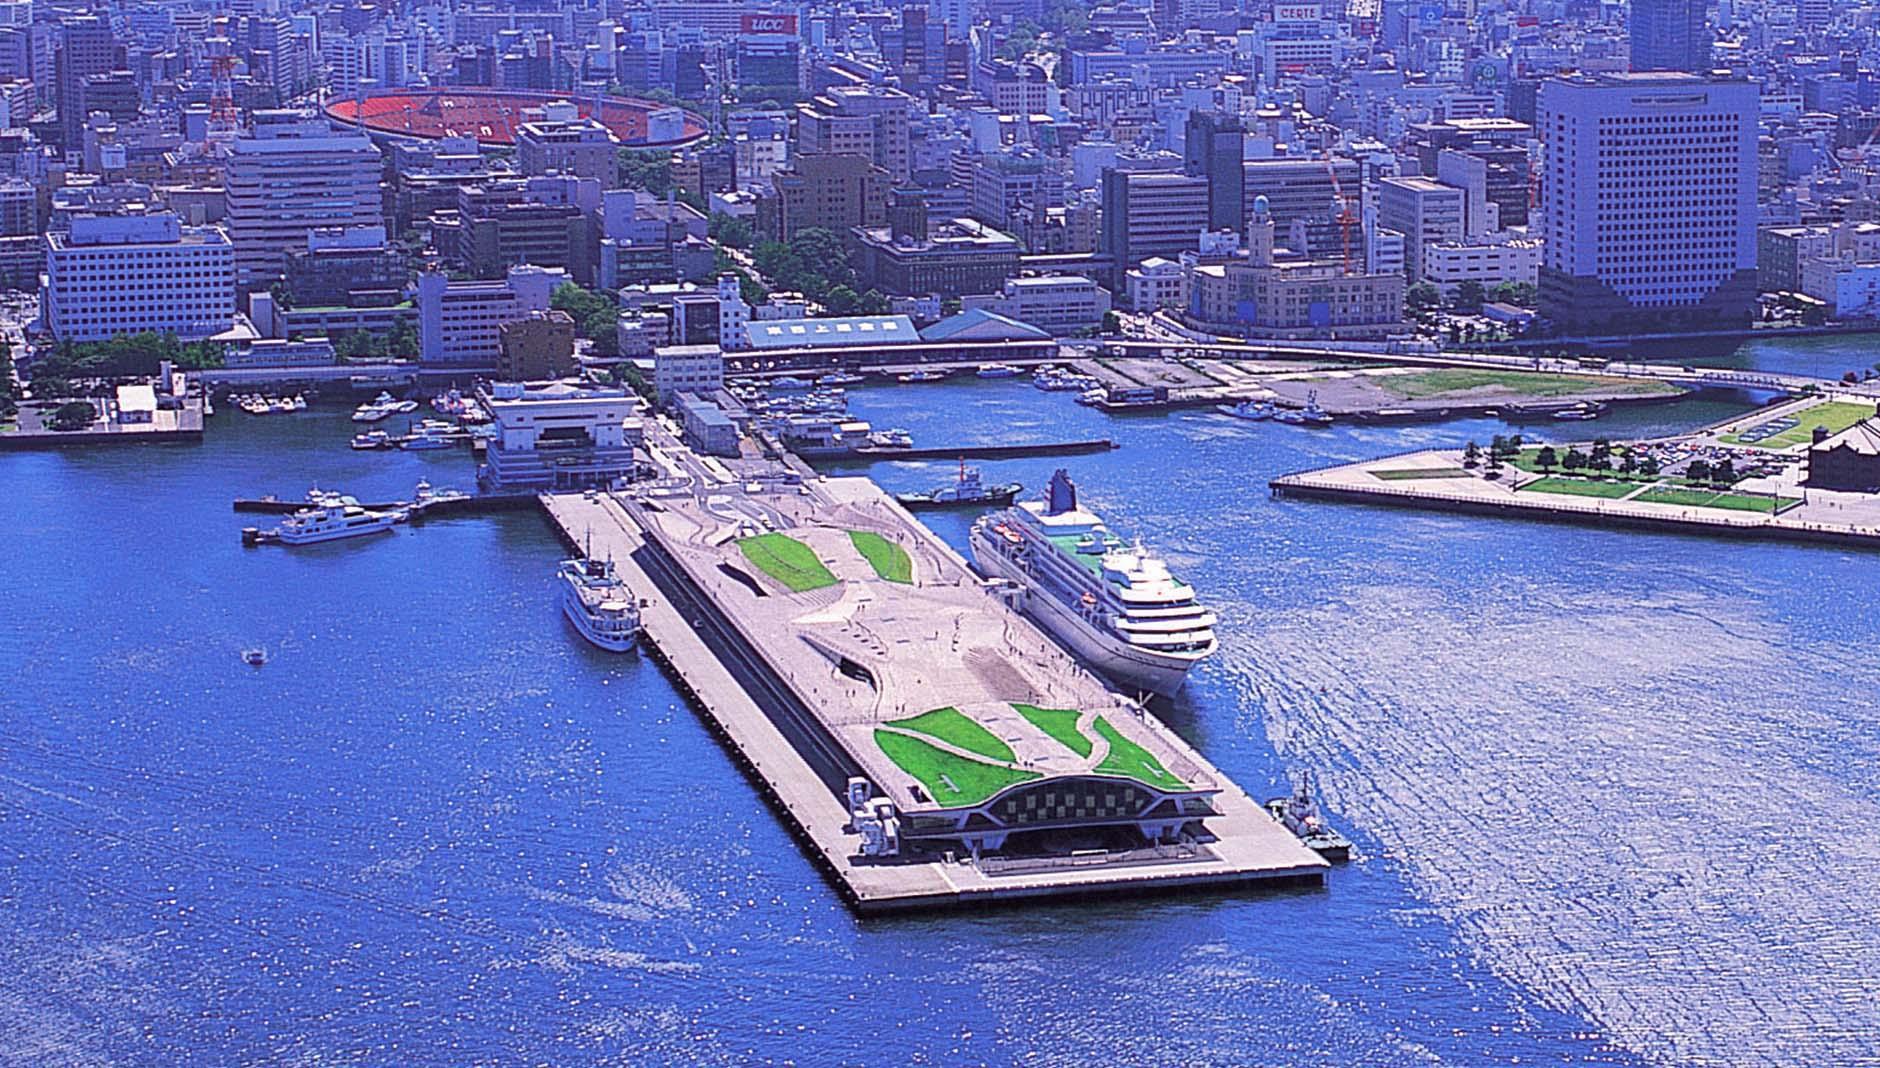 پایانه مسافربری بین المللی یوکوهاما